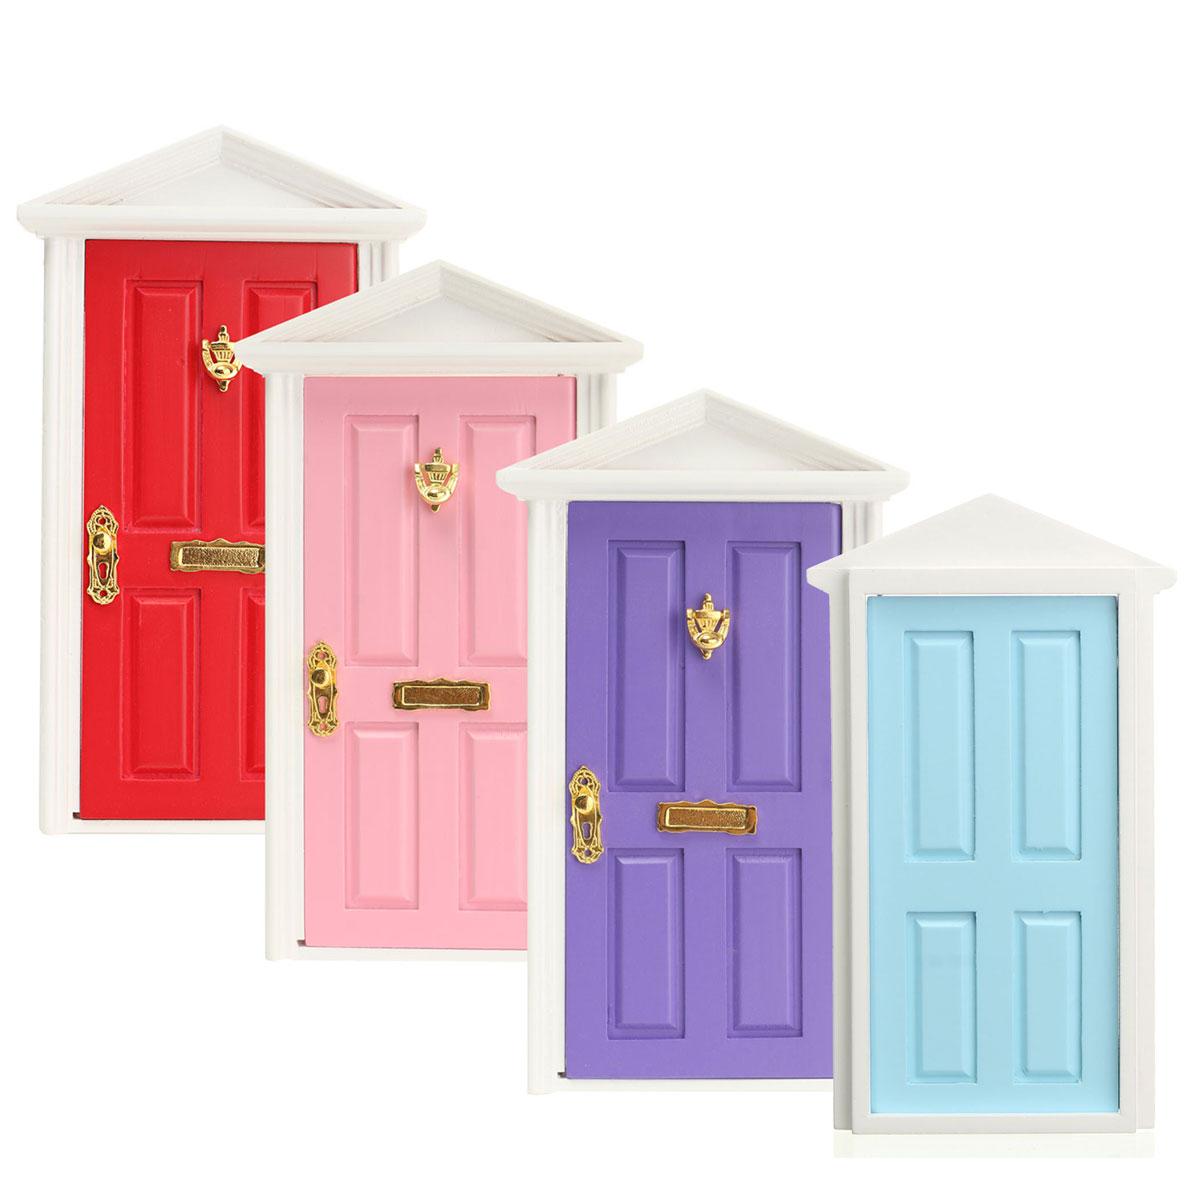 Mini porte en bois assembl avec des accessoires en m tal for Decoration porte bois